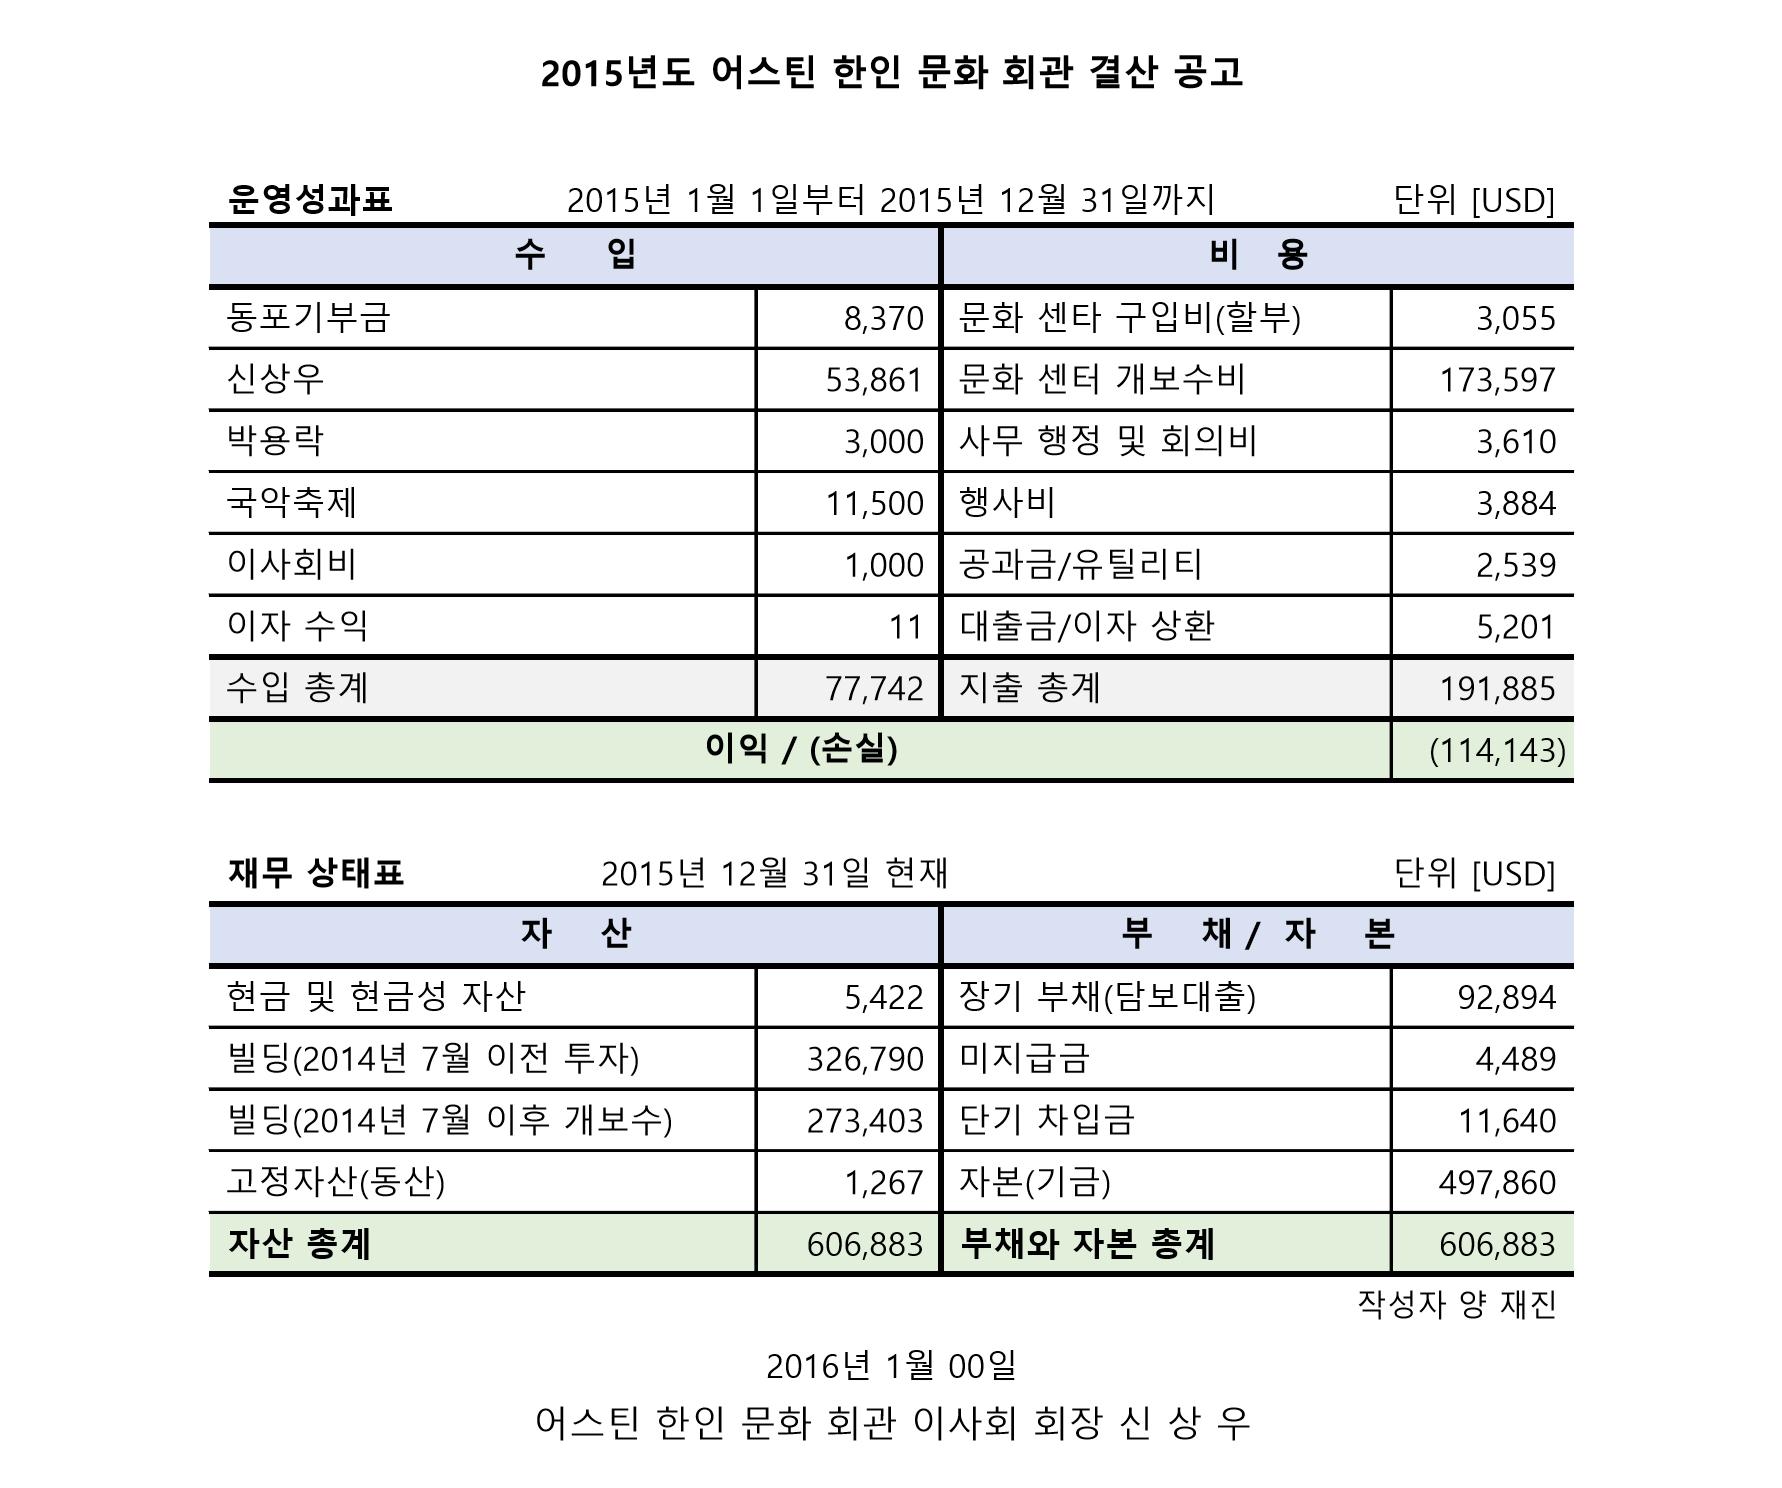 2015년 어스틴 문회회관 결산보고